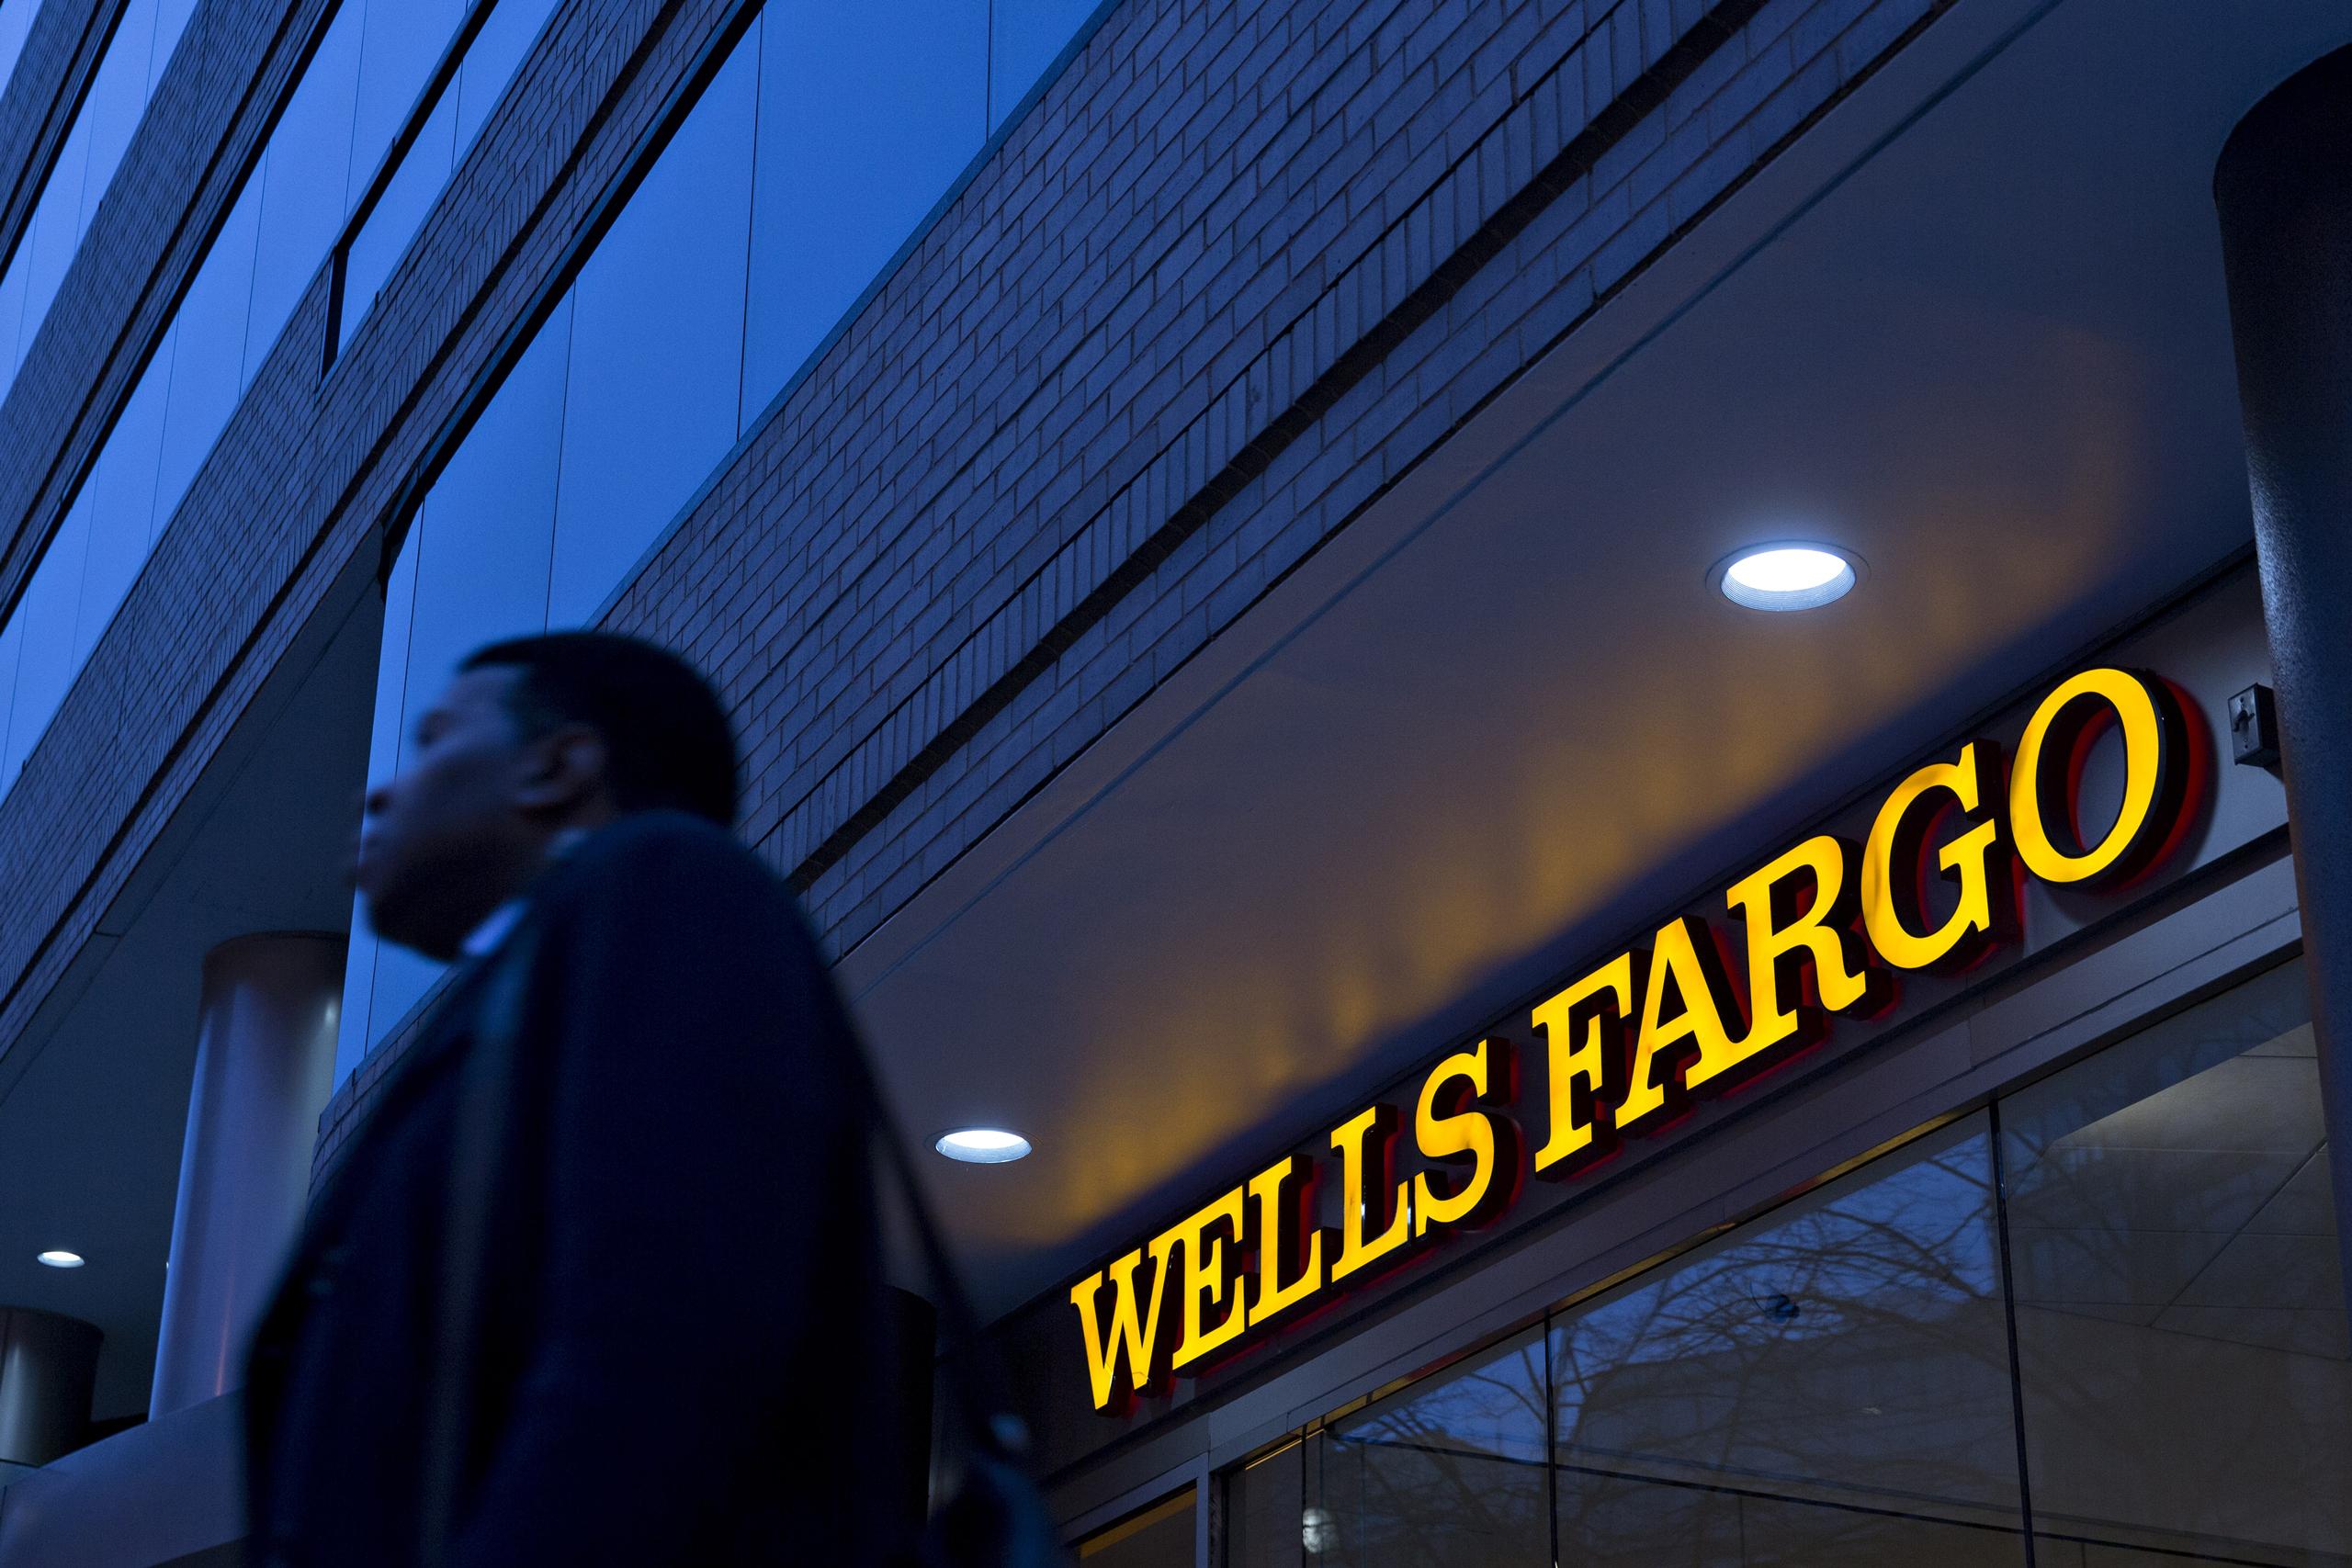 A pedestrian walks past a Wells Fargo & Co. bank branch in Washington on Jan. 7, 2016.